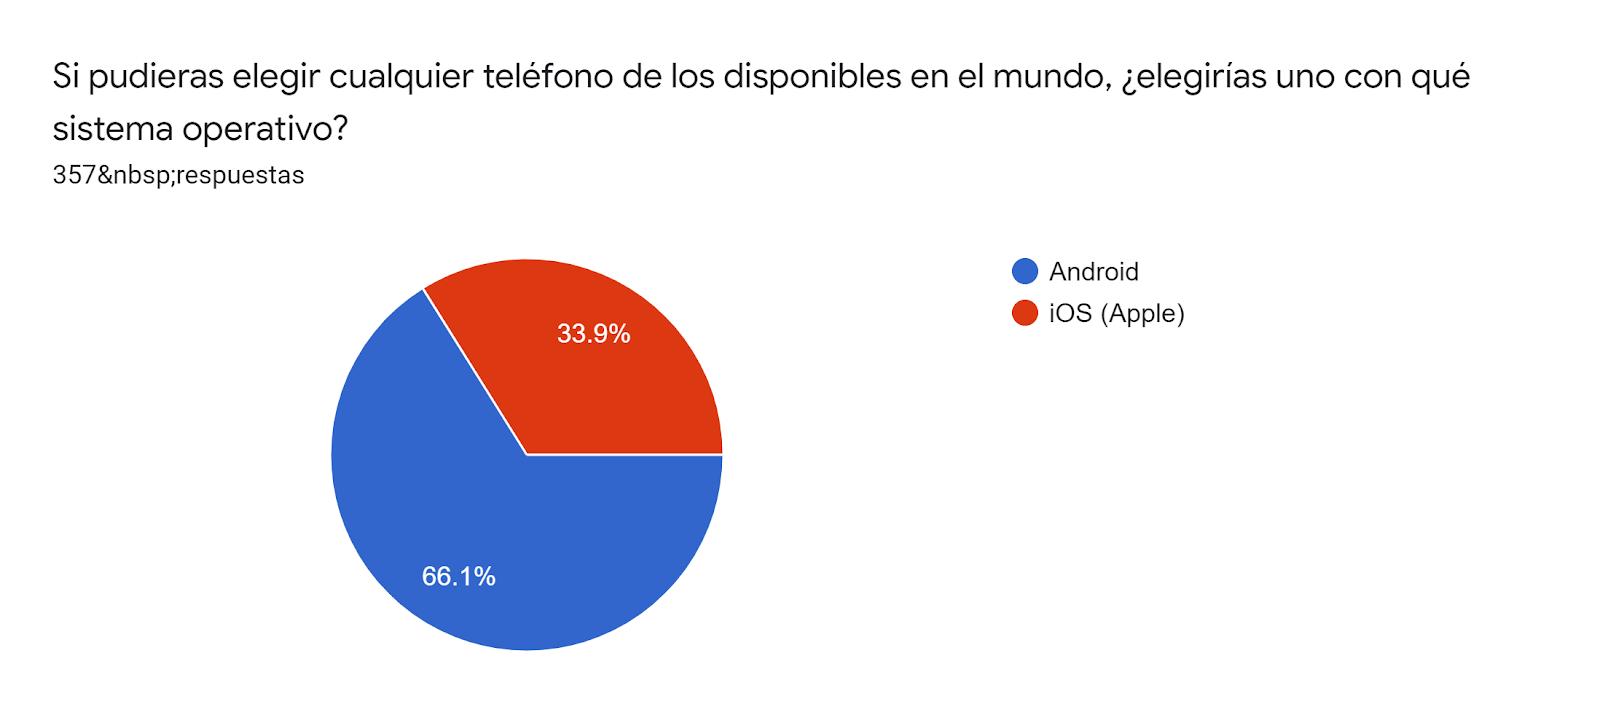 Gráfico de las respuestas de Formularios. Título de la pregunta: Si pudieras elegir cualquier teléfono de los disponibles en el mundo, ¿elegirías uno con qué sistema operativo?. Número de respuestas: 357respuestas.